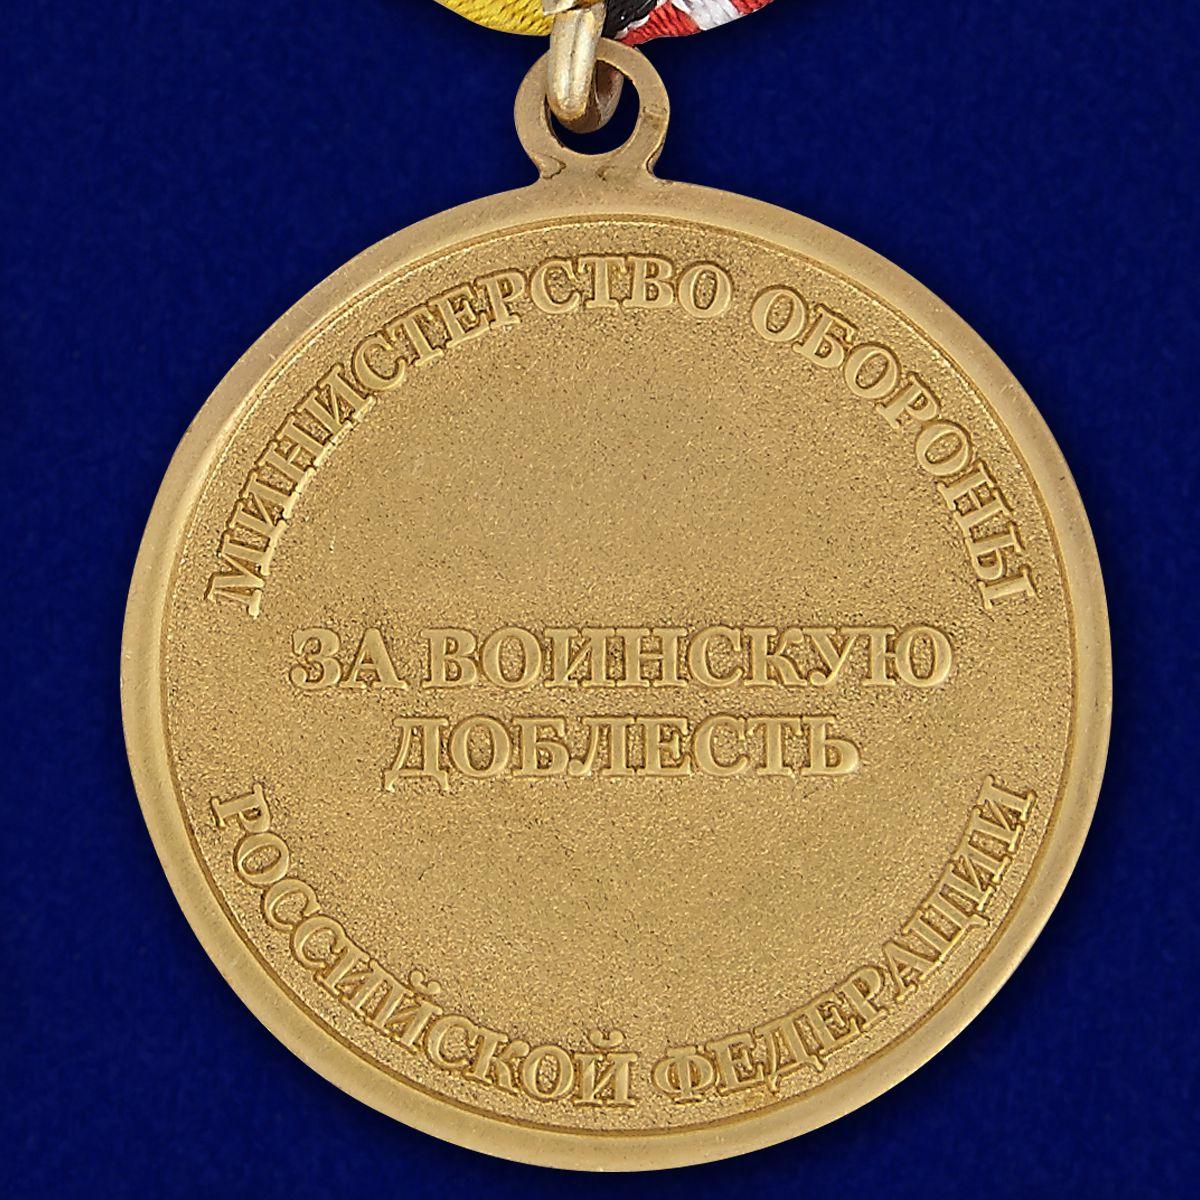 Медаль «За воинскую доблесть» 3 степень - оборотная сторона